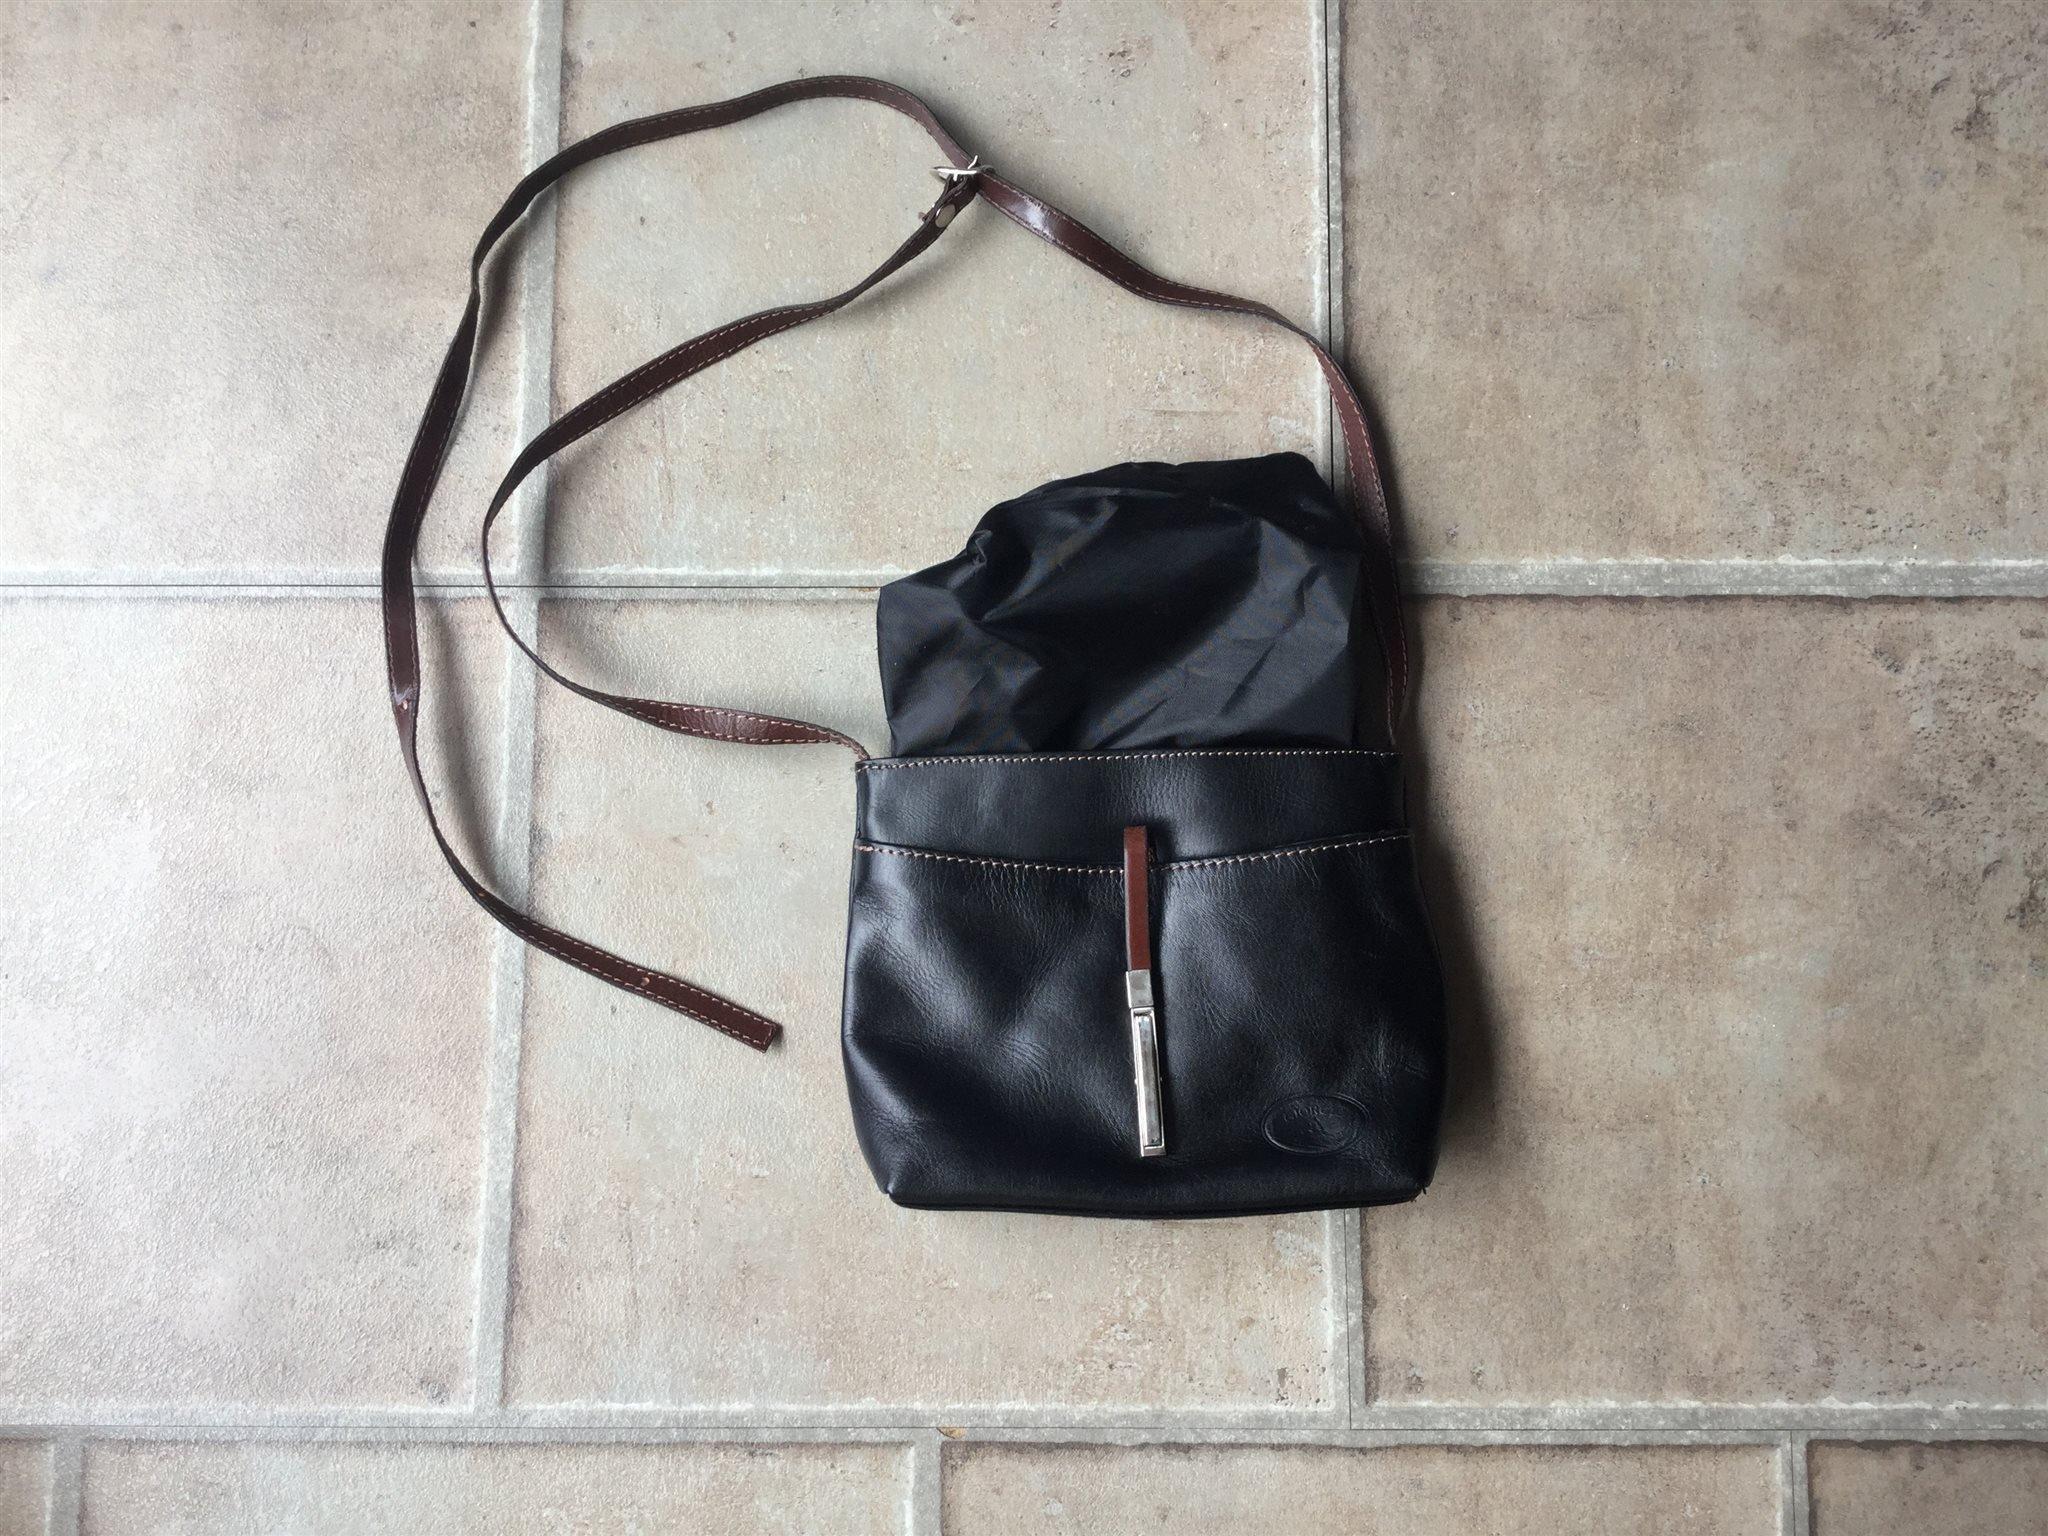 Liten axelremsväska i svart skinn med bruna det.. (420955255